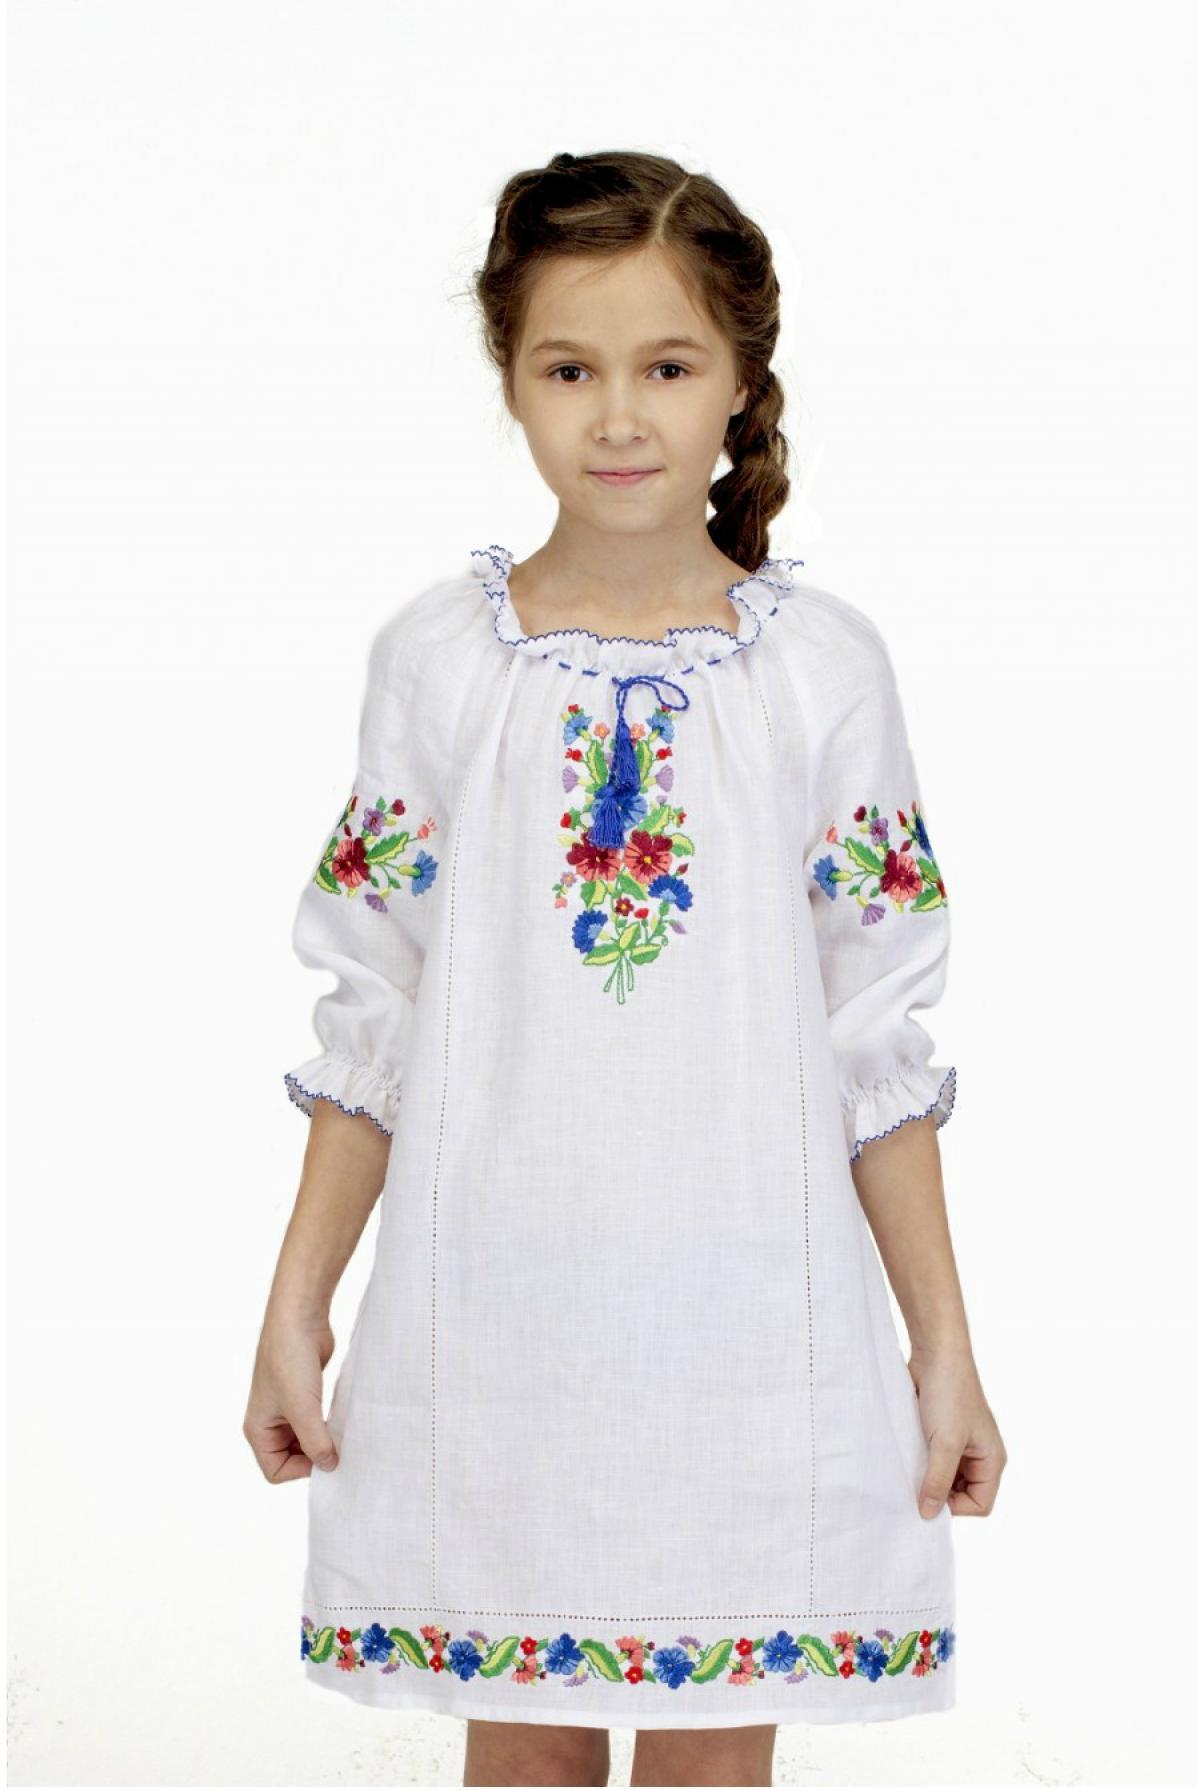 Вышитое белое платье для девочки, Фиалка. Фото №1. | Народный дом Украина